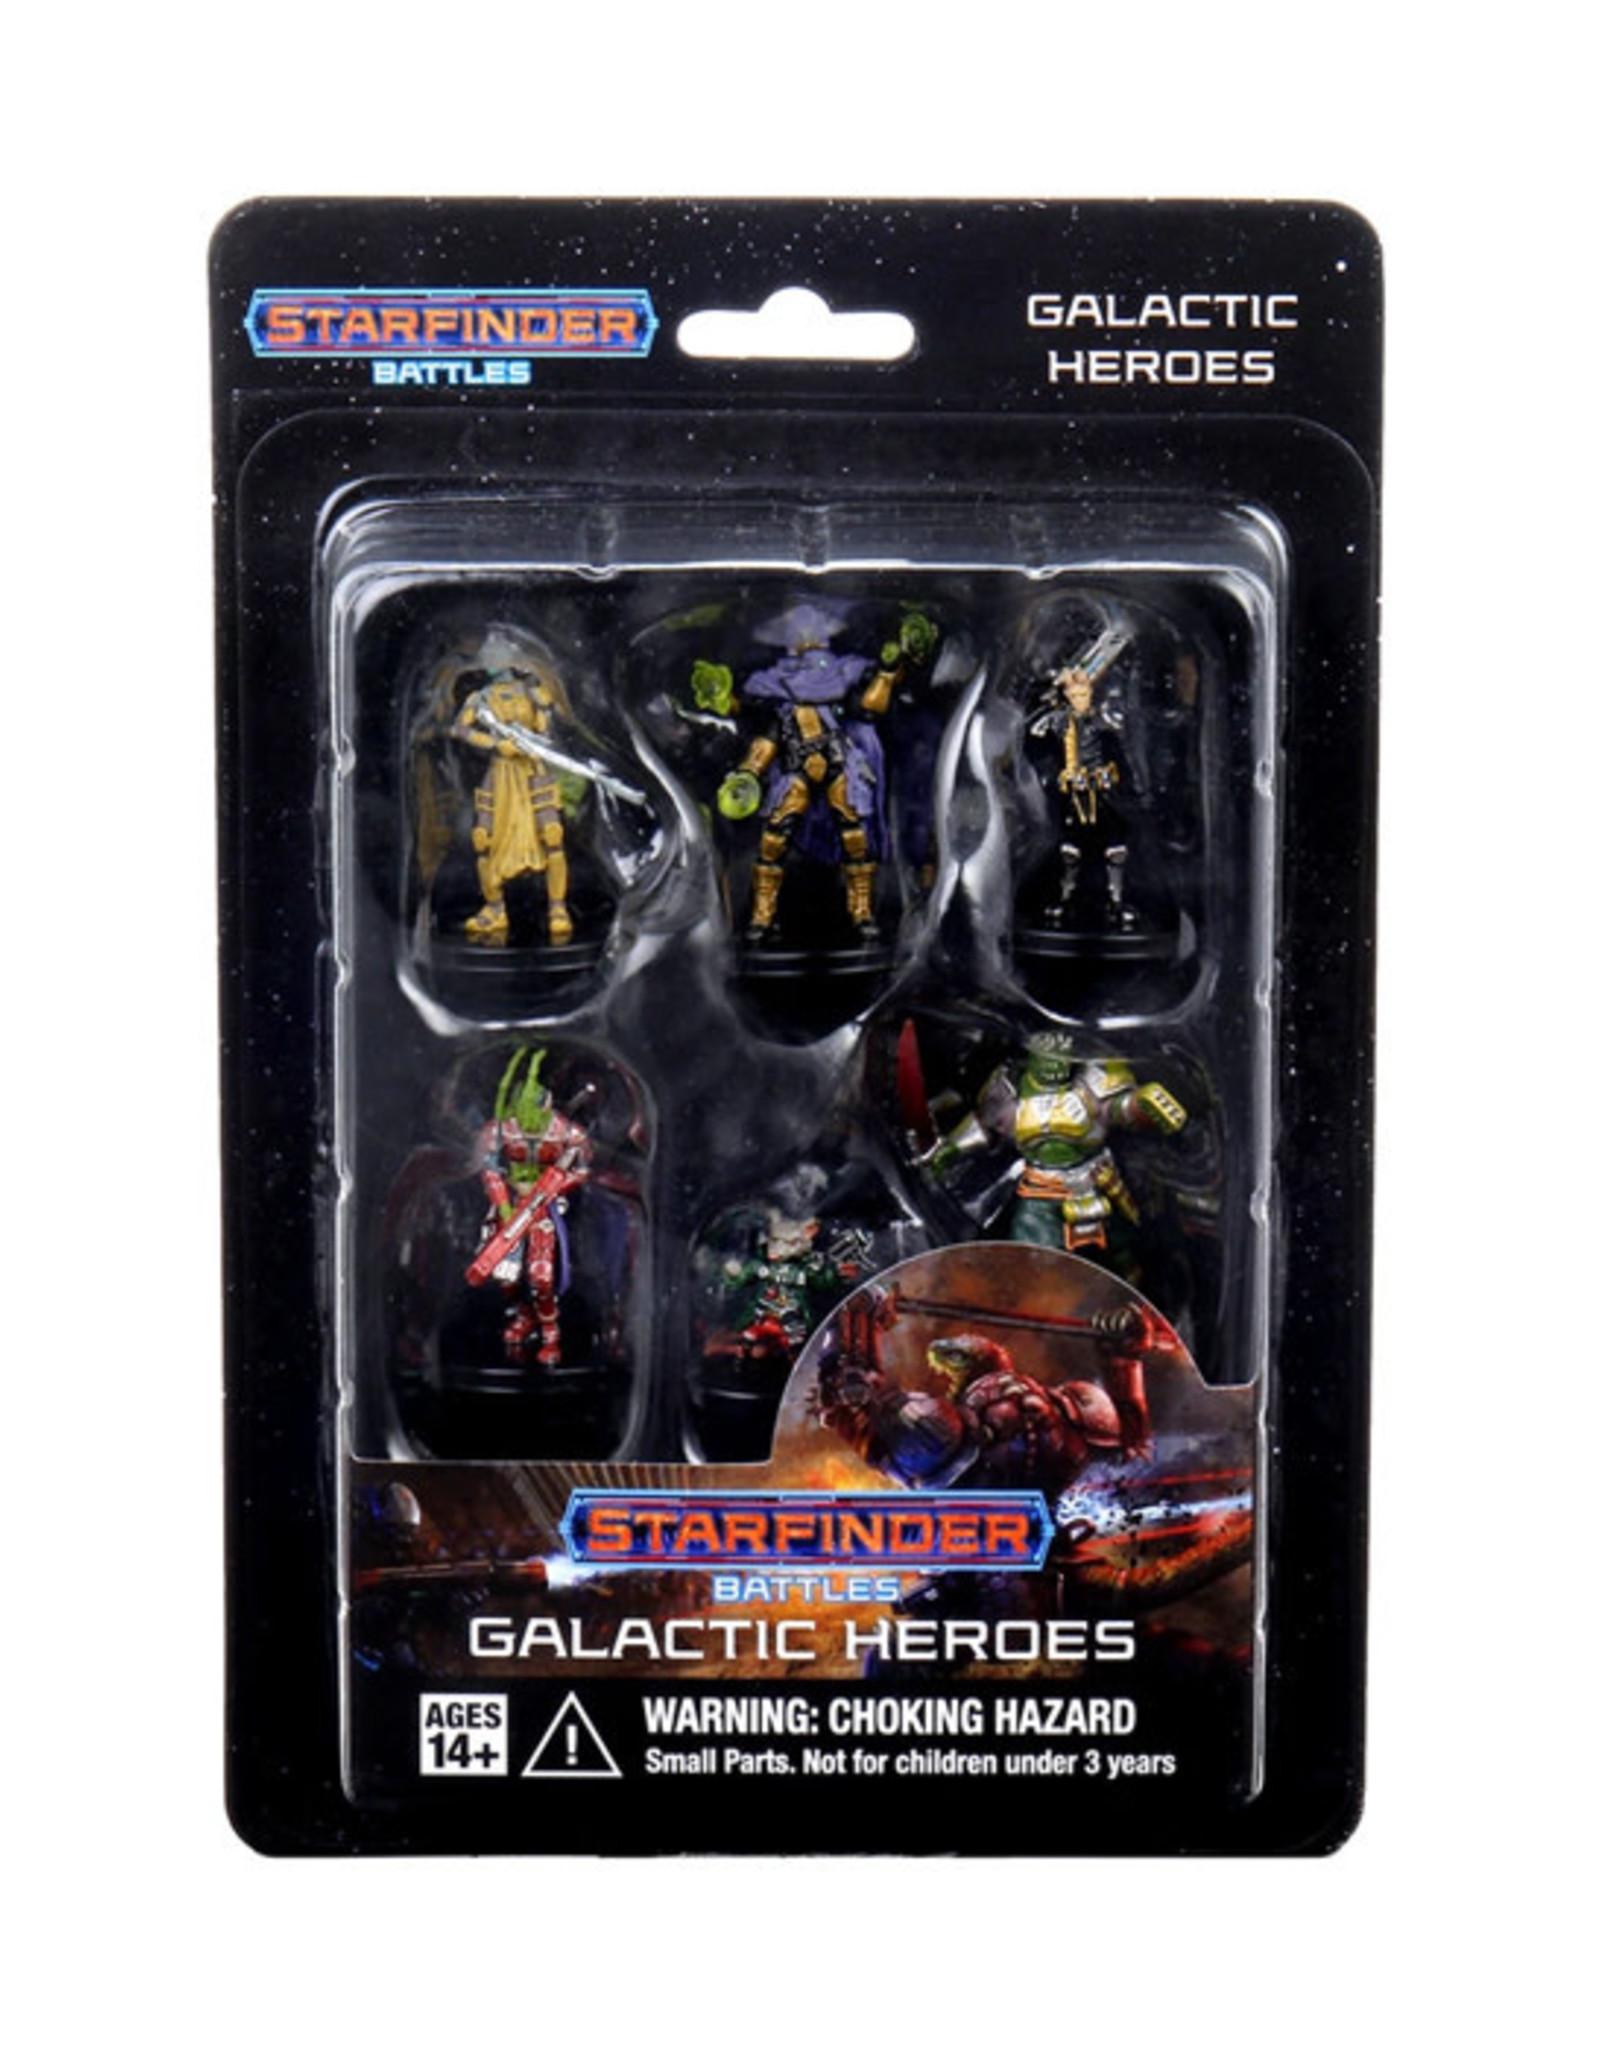 Starfinder Starfinder Battles: Starter Pack - Galactic Heroes